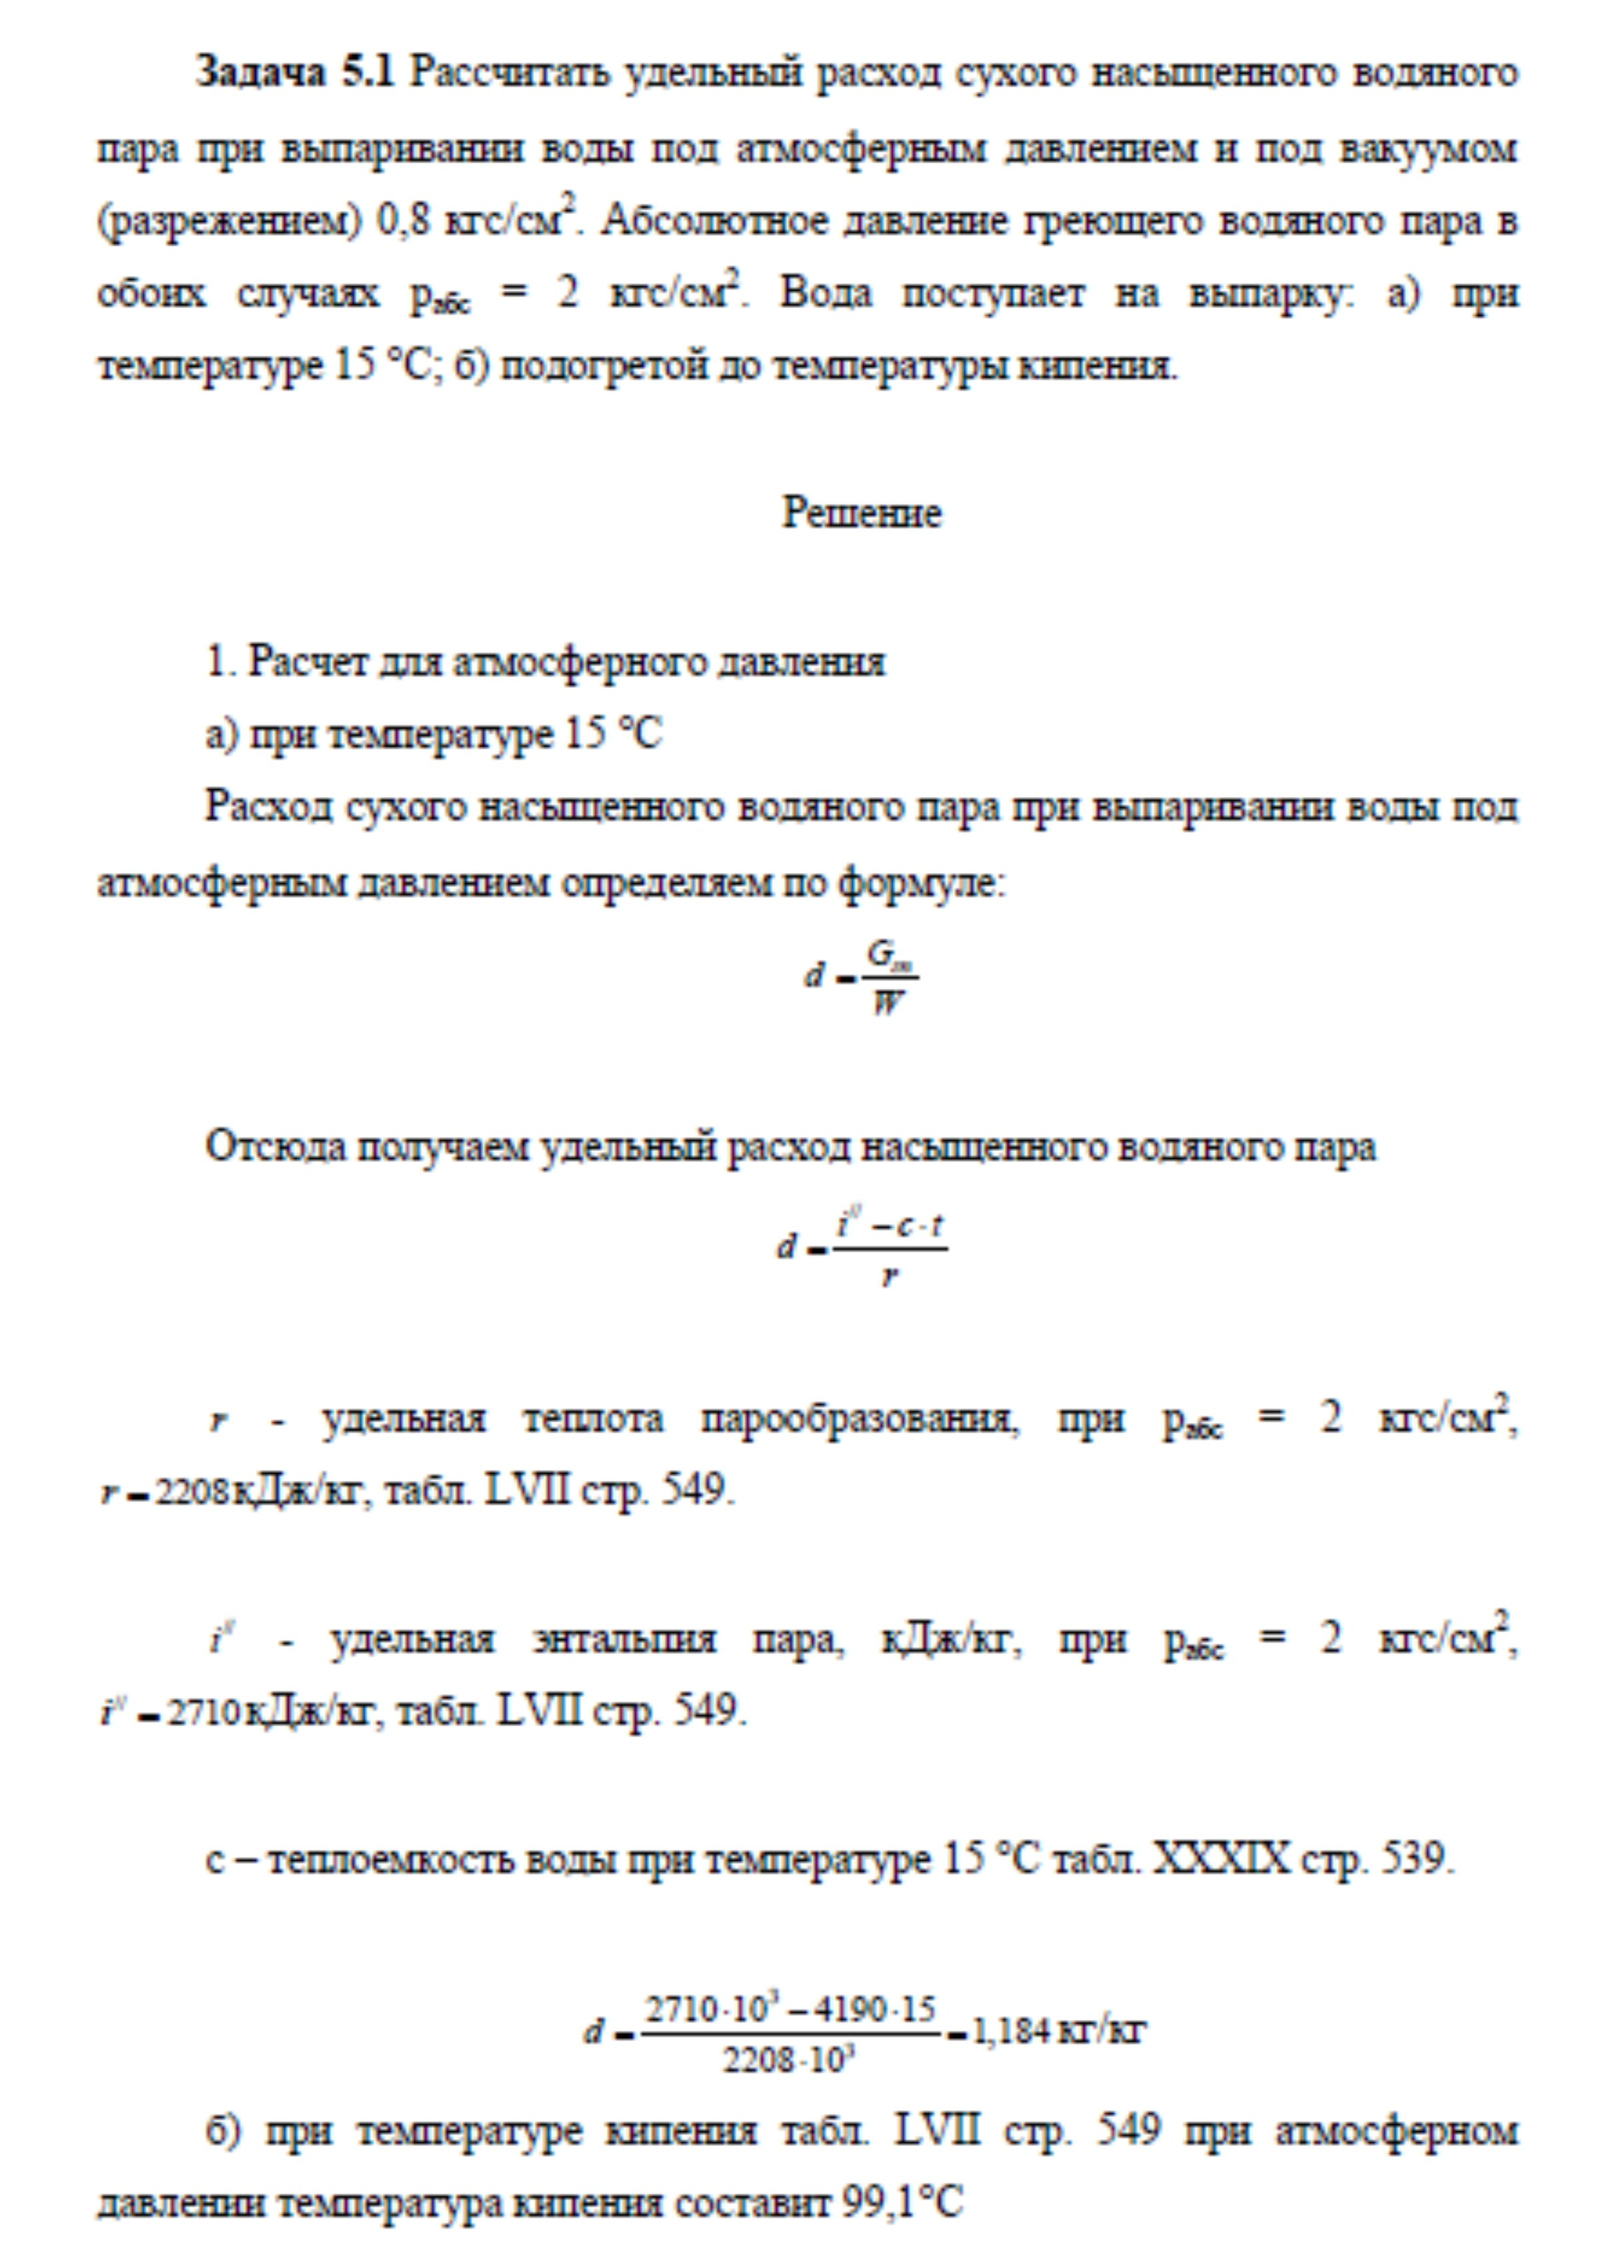 Решение задачи 5.1 по ПАХТ из задачника Павлова Романкова Носкова